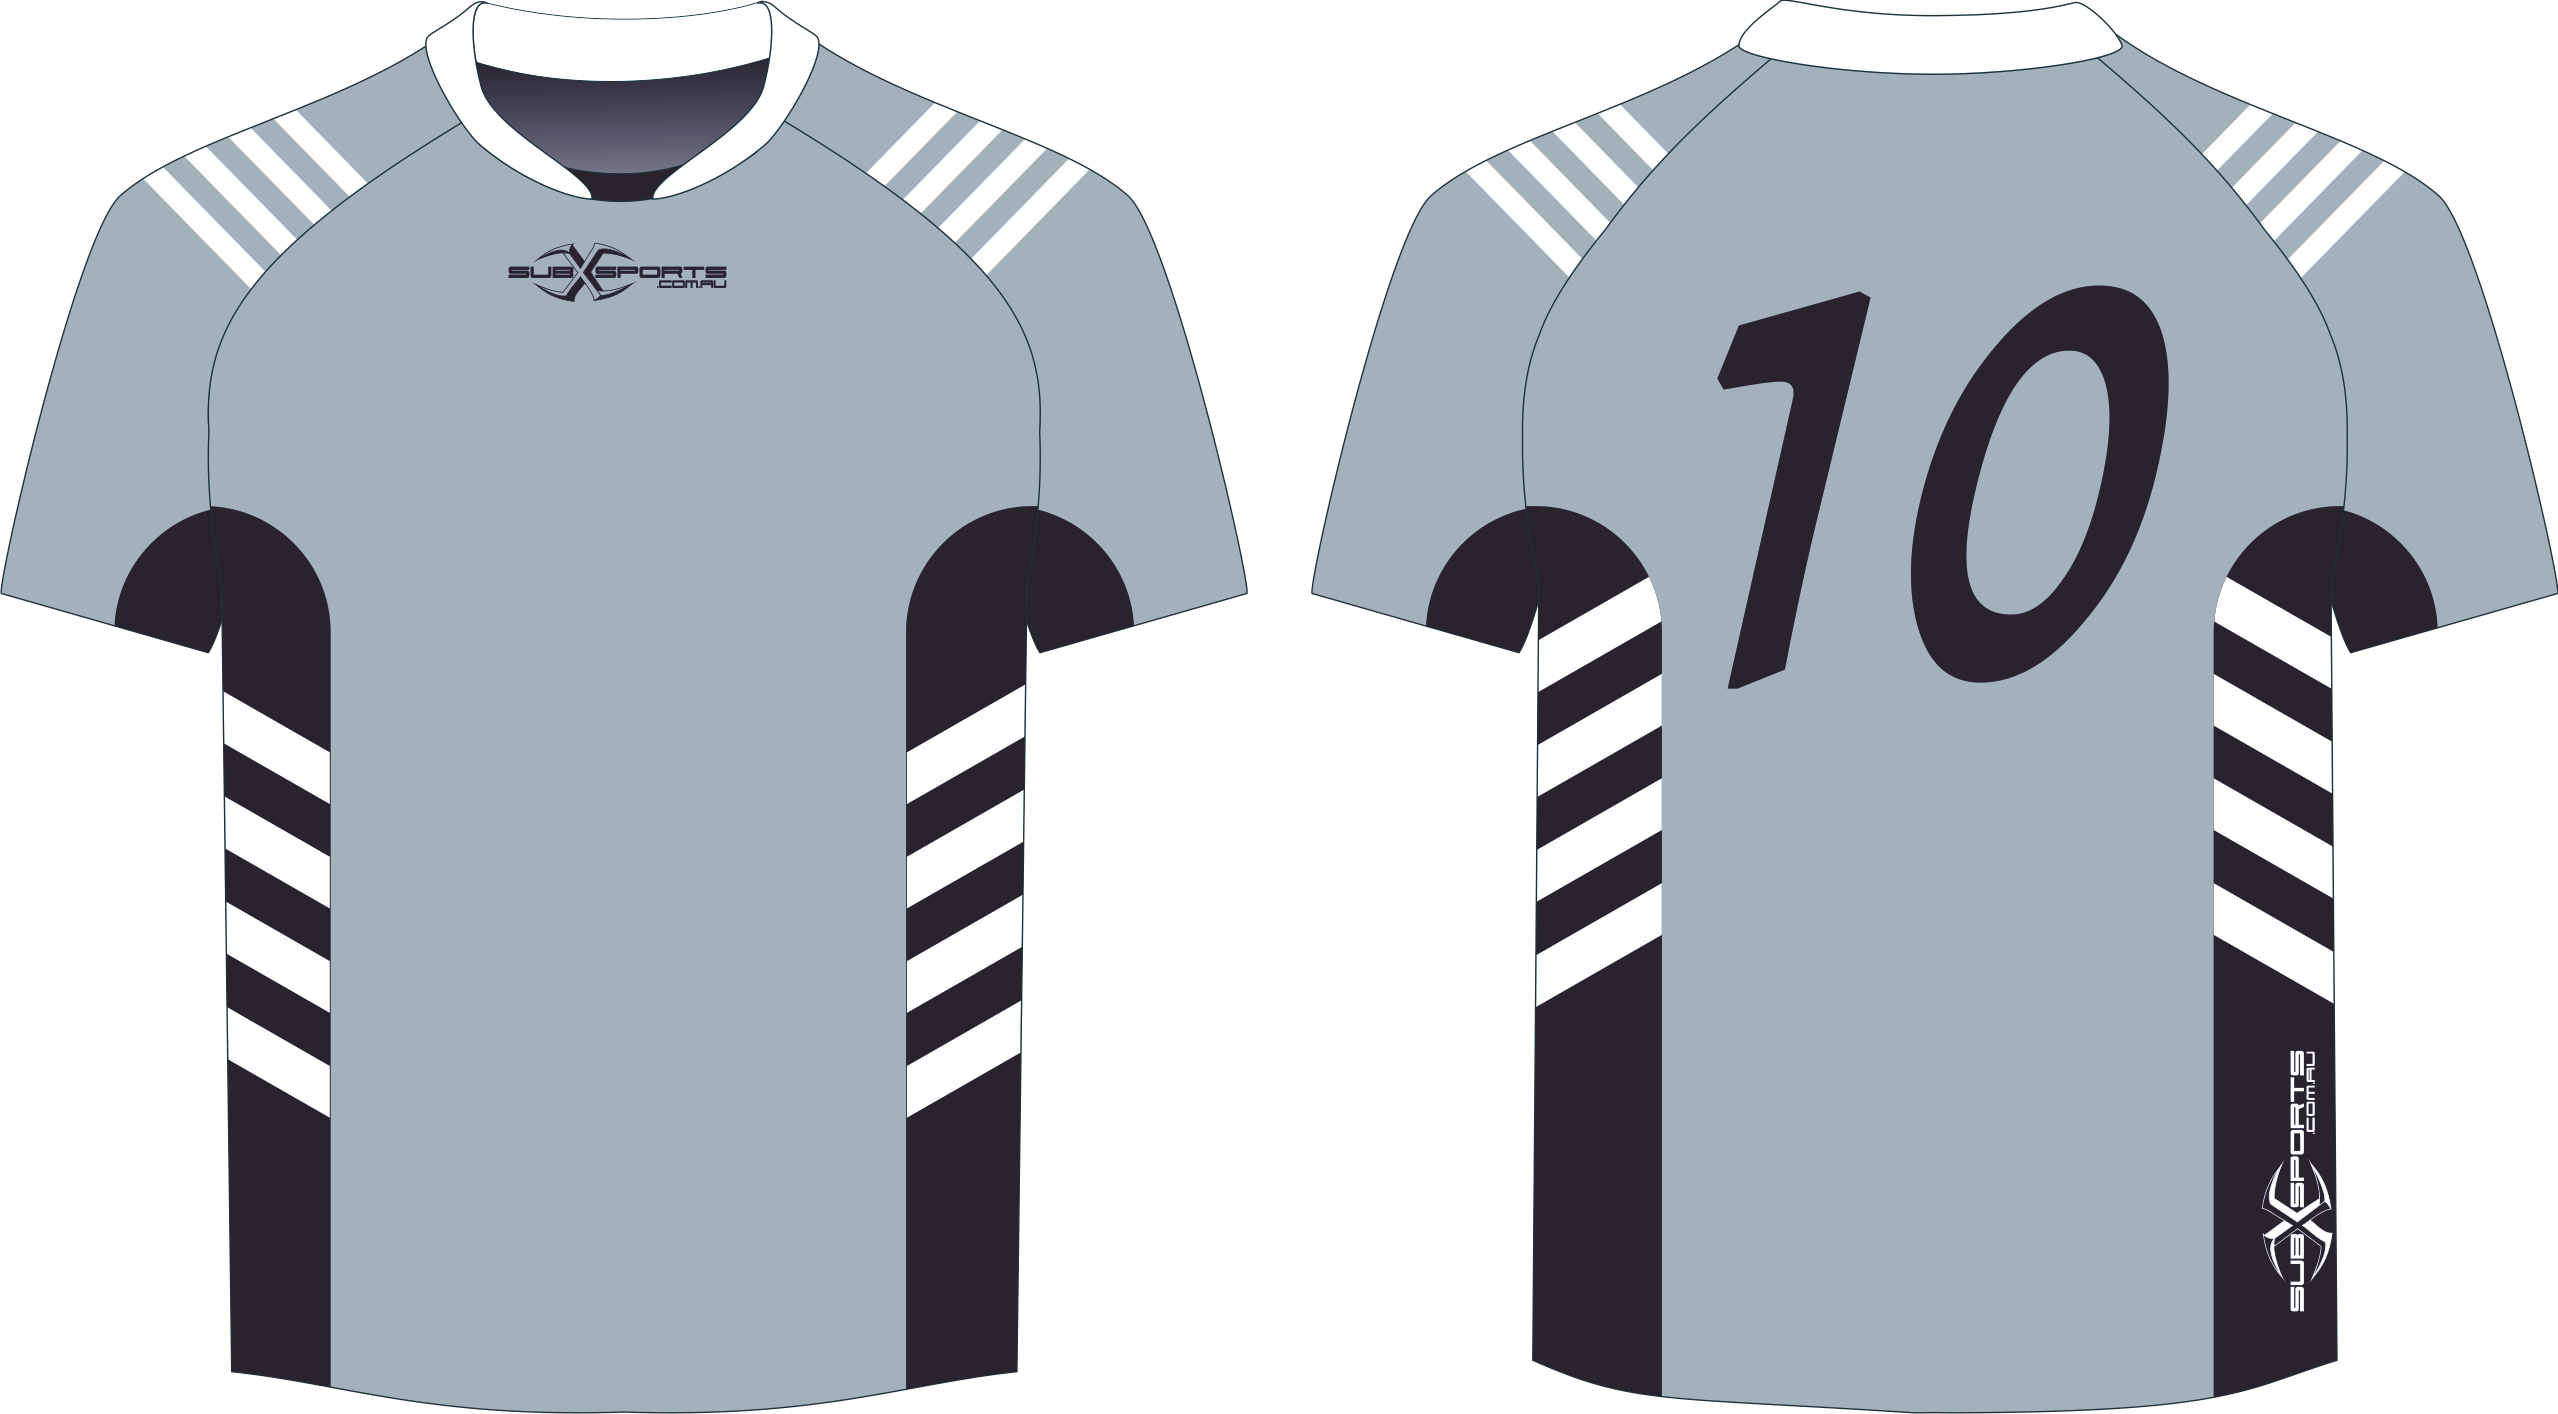 S204XJ Jersey Grey Black White.png